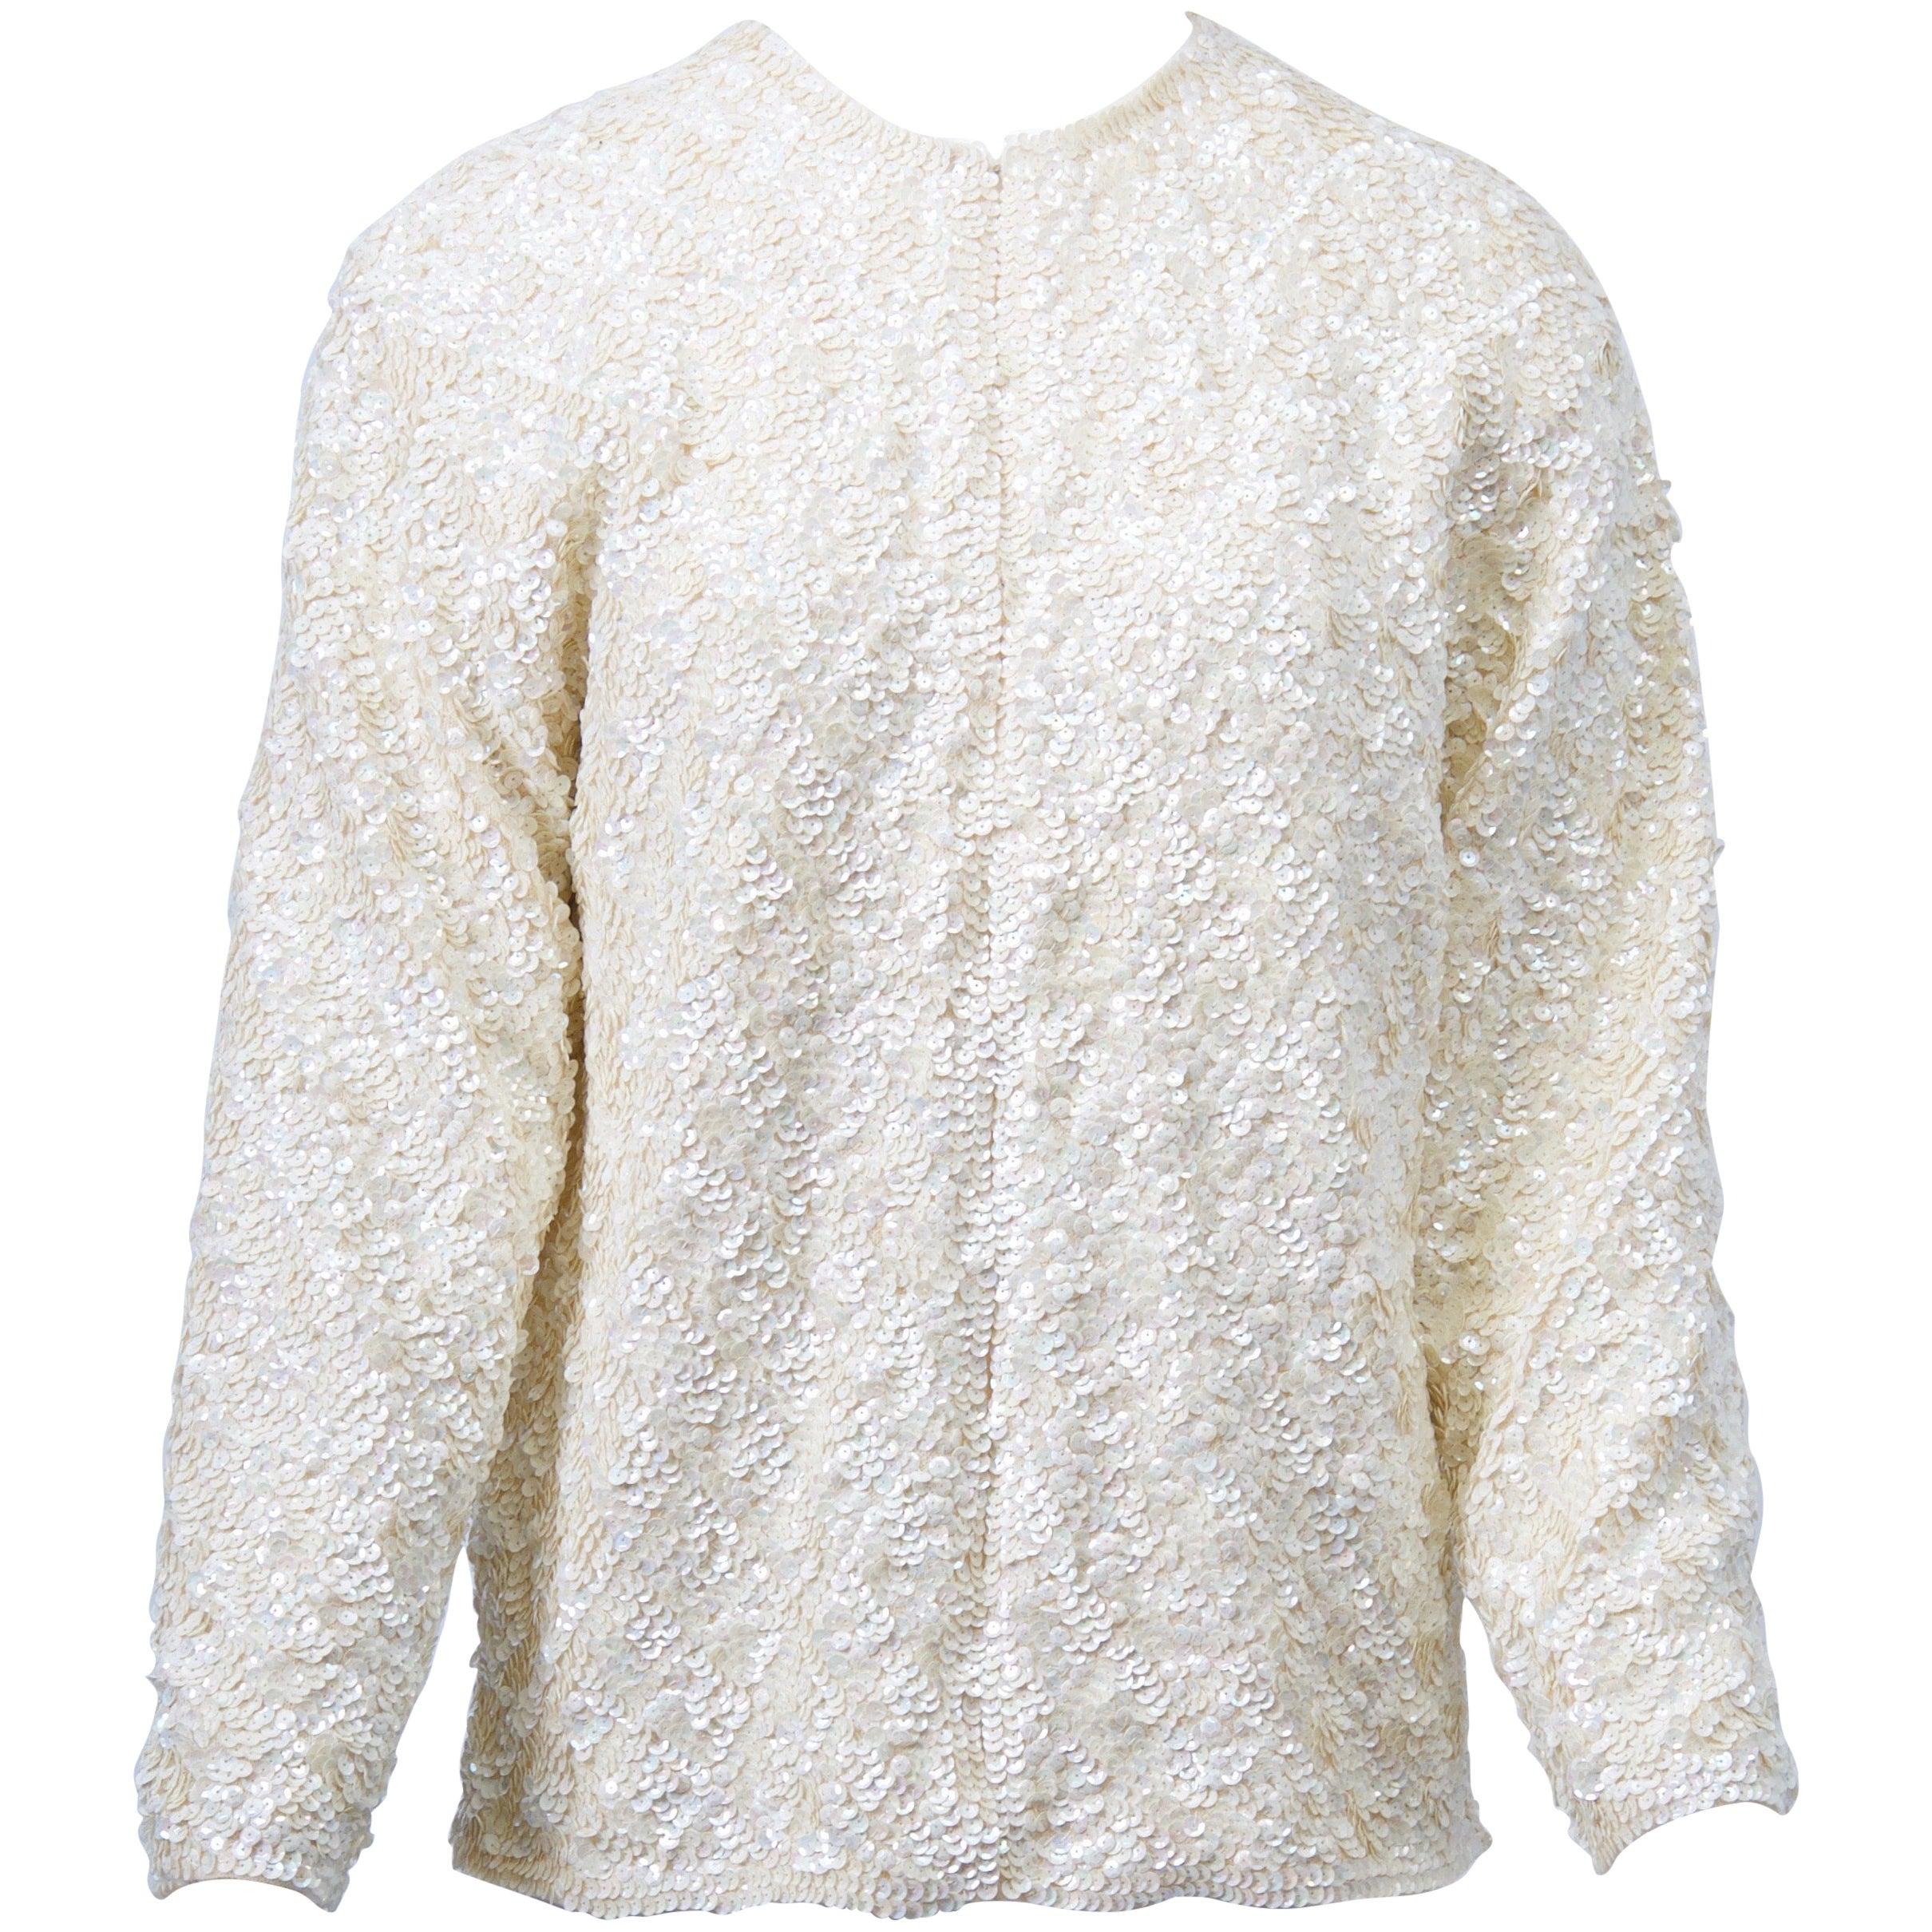 White Sequin Cardigan